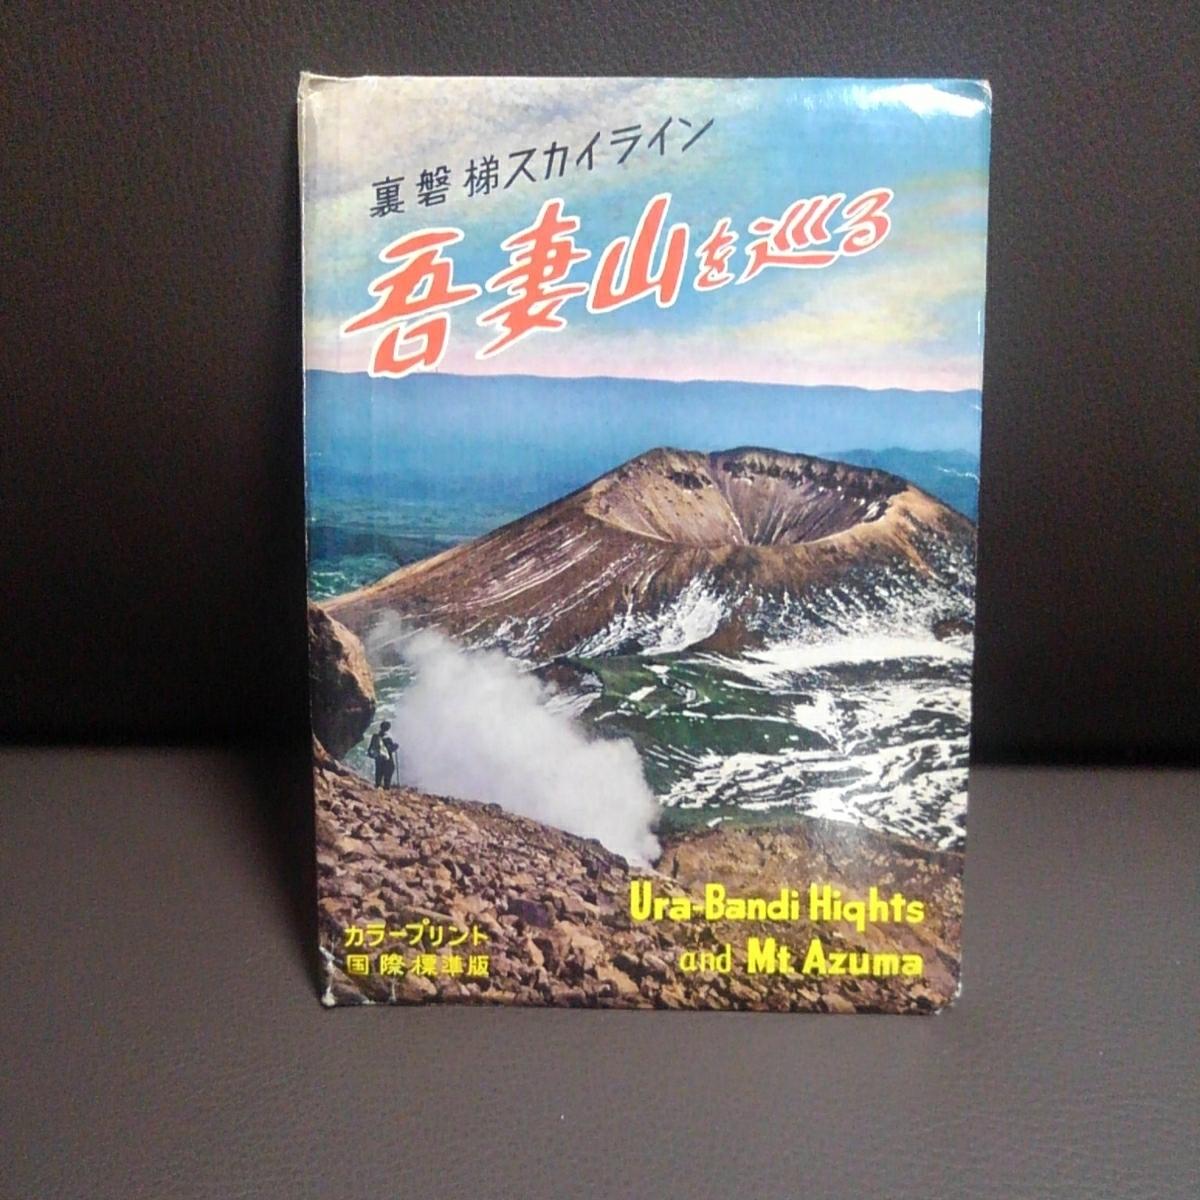 裏磐梯スカイライン 吾妻山を巡る カラープリント 国際標準版 ポストカード8枚_画像1